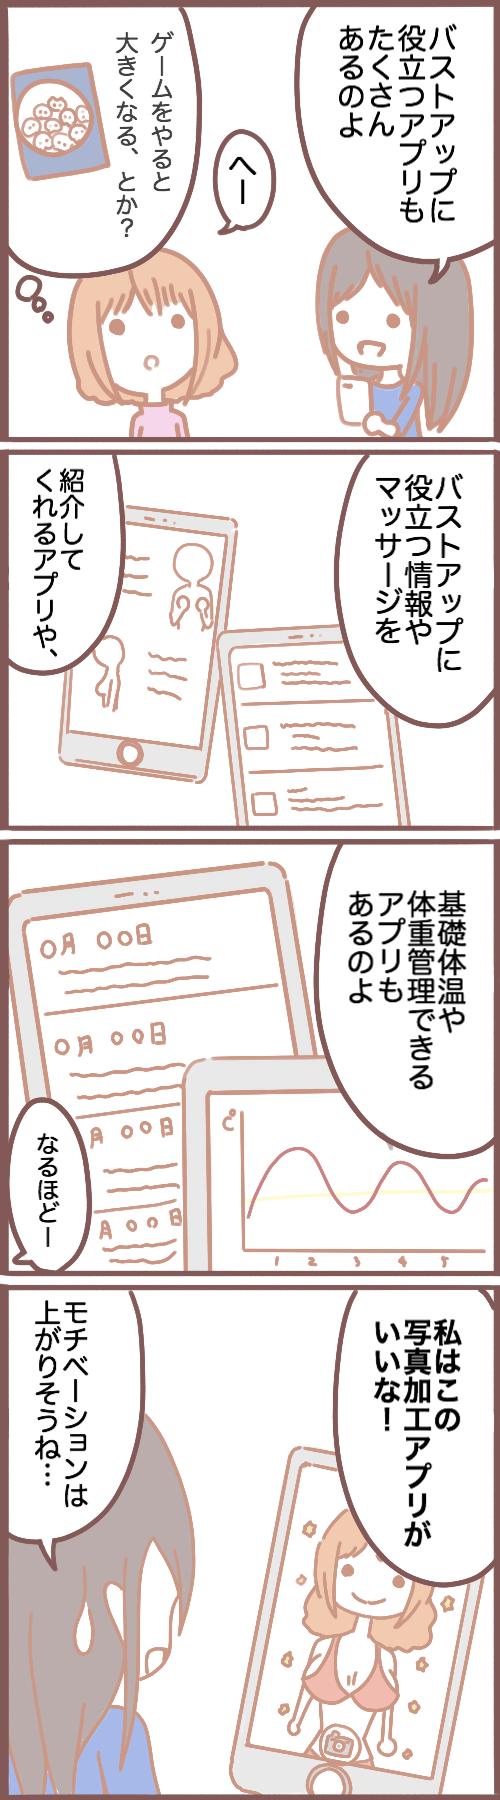 胸を大きくする方法を紹介するアプリの4コマ漫画